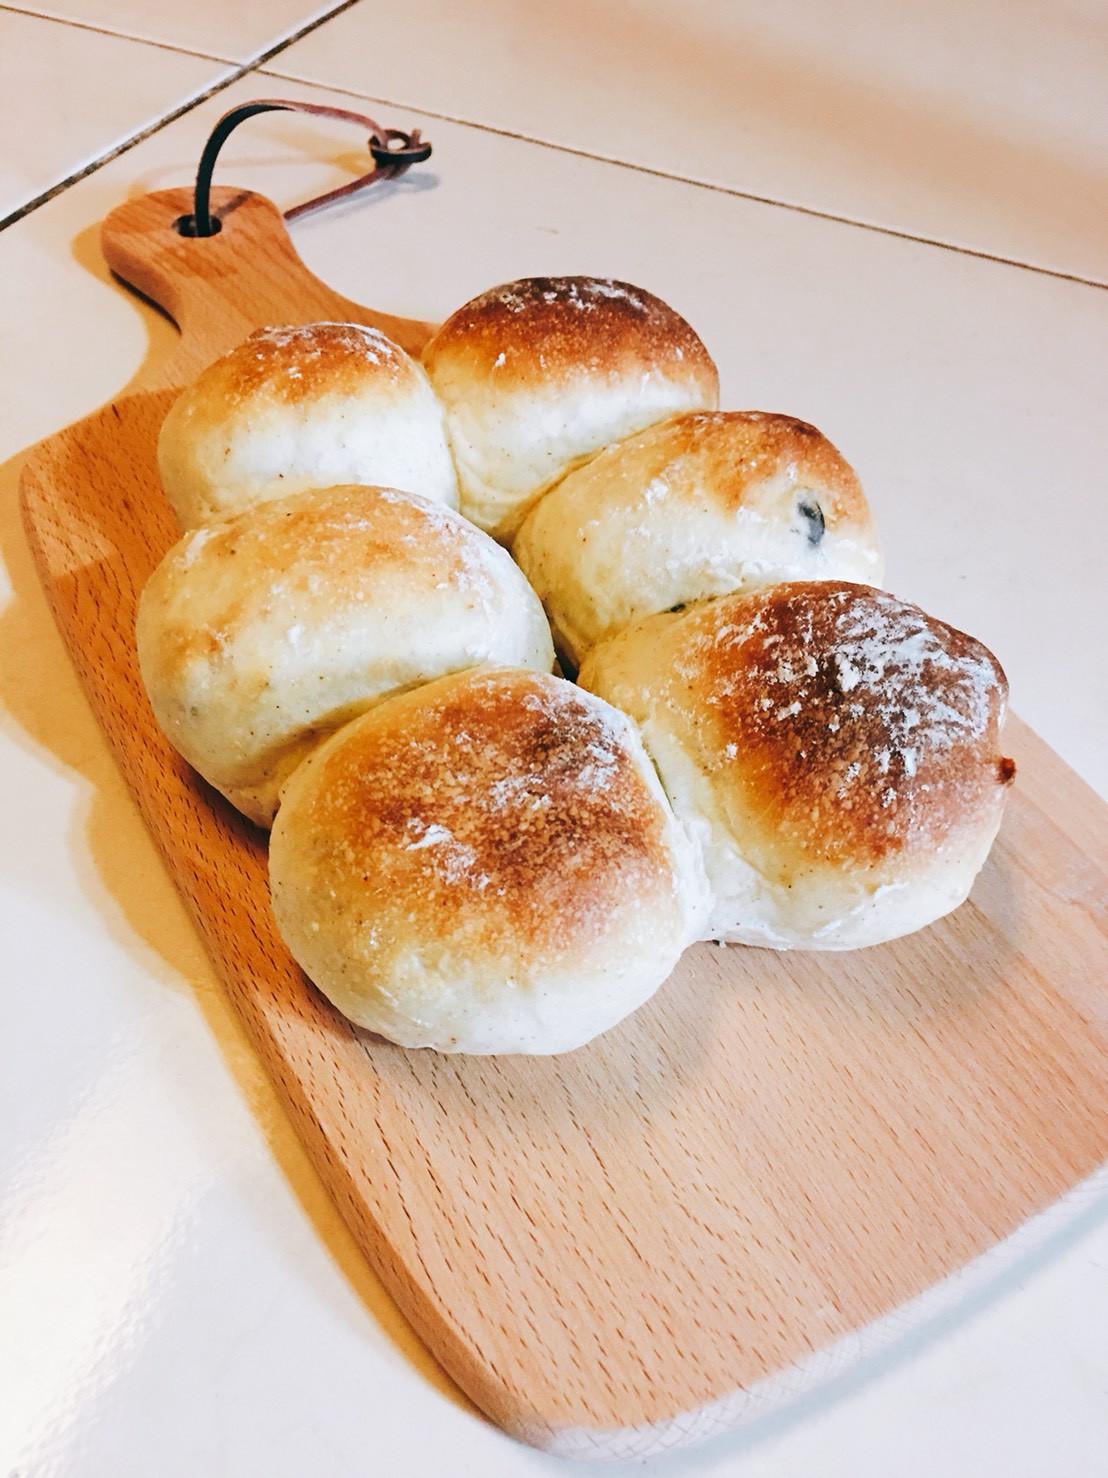 藜麥桂圓牛奶軟麵包(早晨現烤)